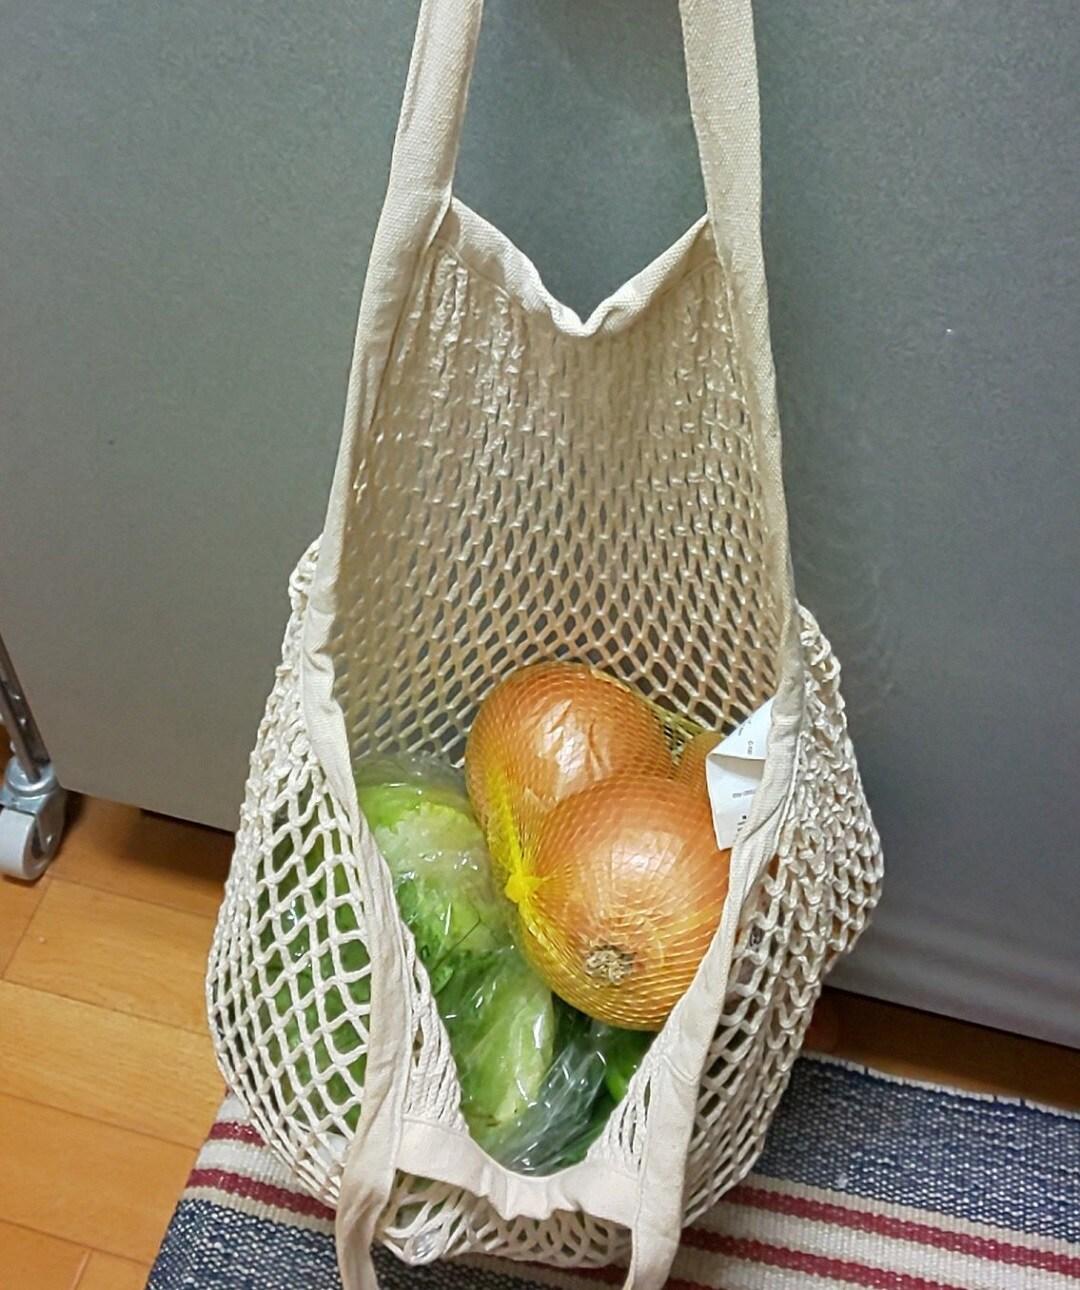 メッシュバッグに野菜を入れる